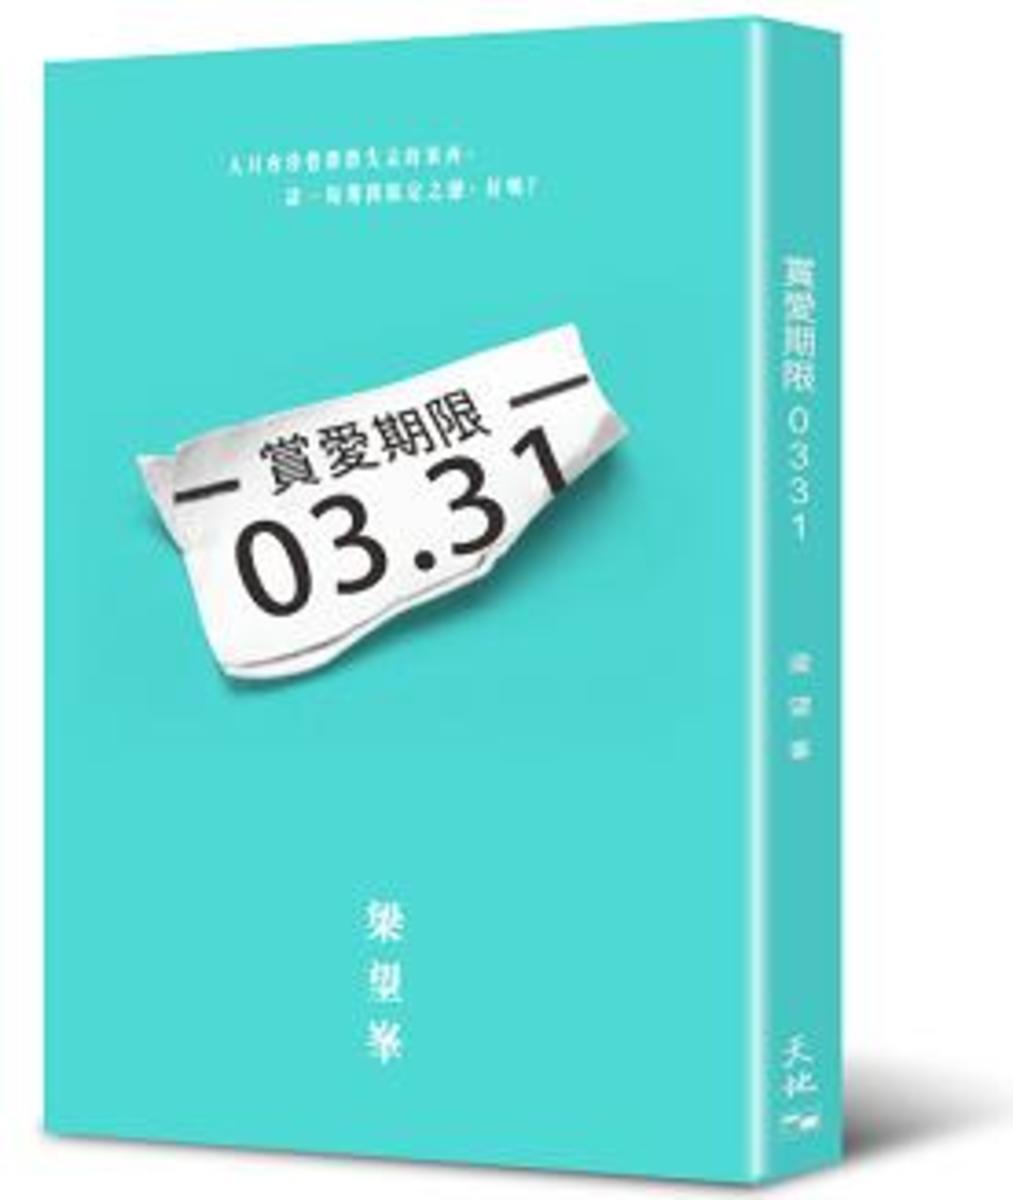 賞愛期限0331 | 梁望峯